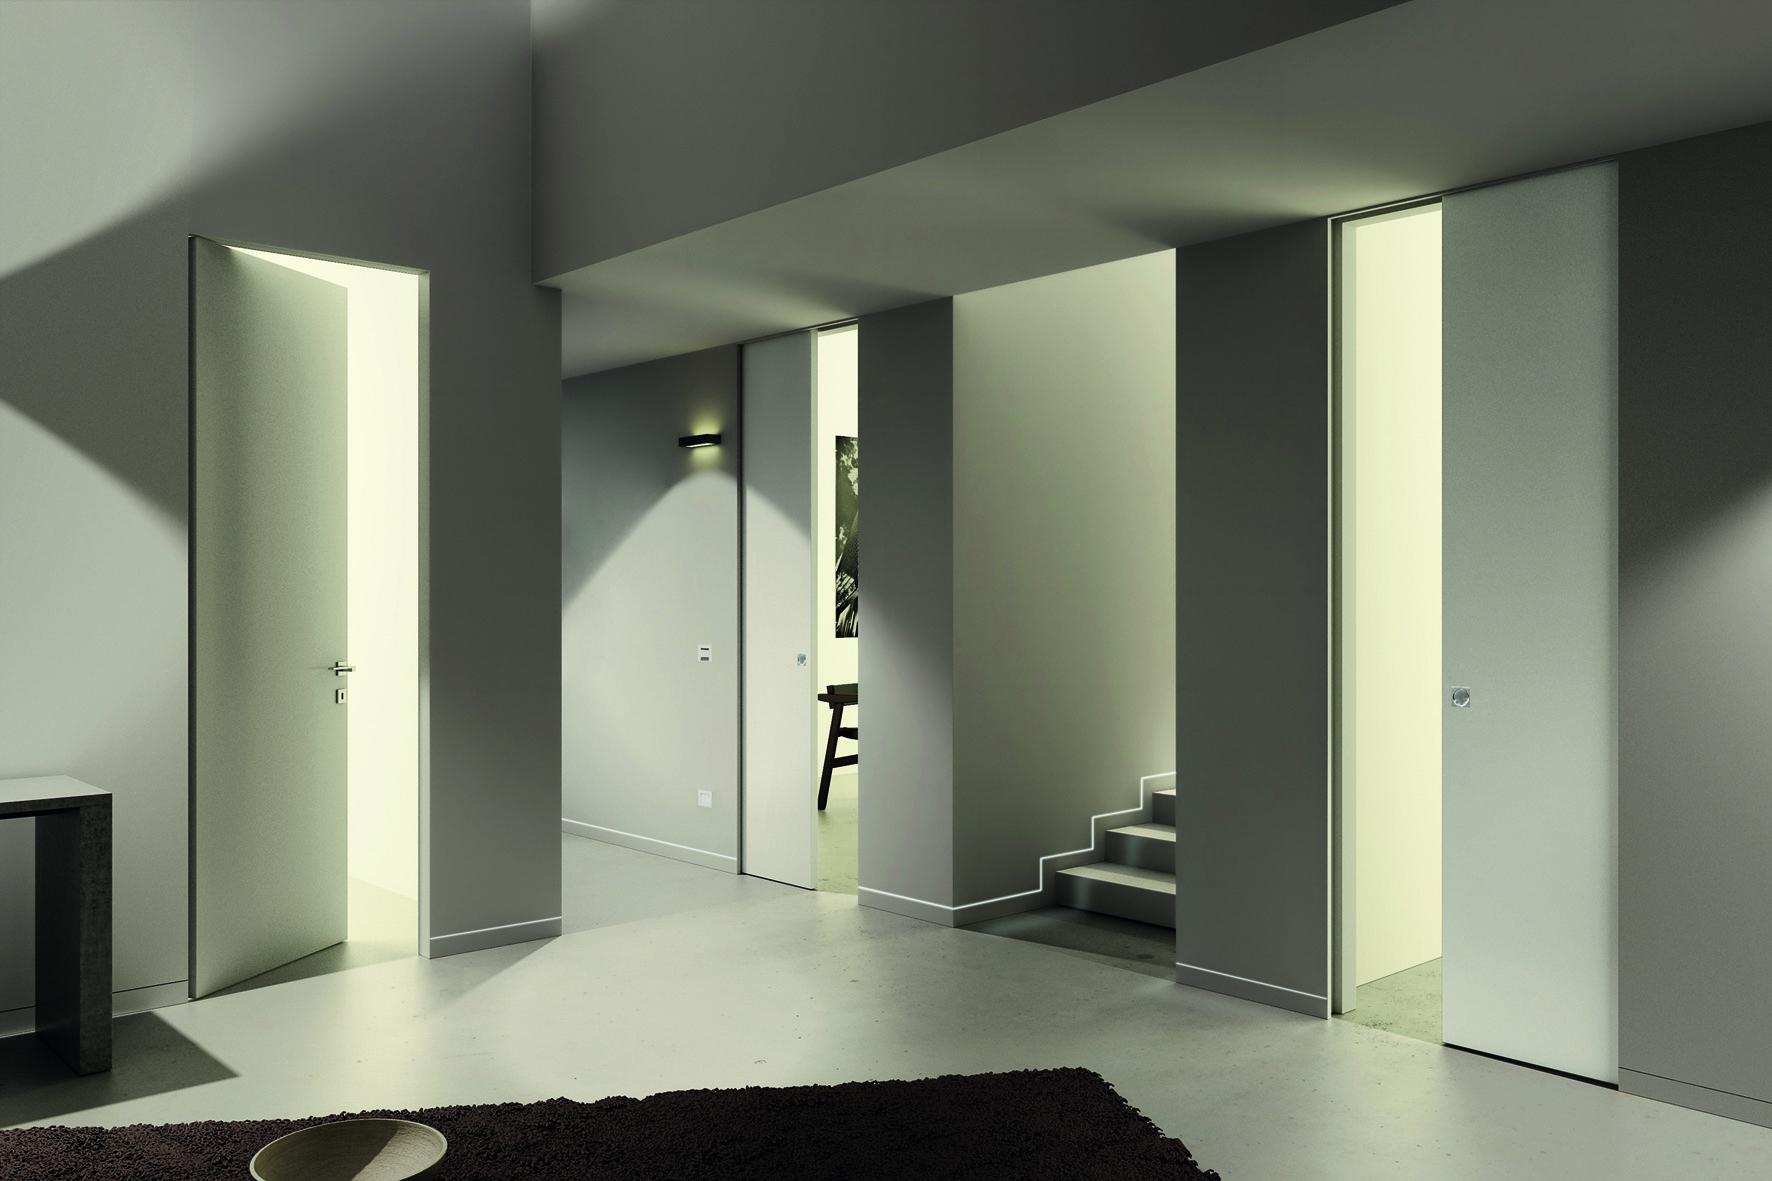 eclisse fabricant de portes coulissantes le bricomag. Black Bedroom Furniture Sets. Home Design Ideas